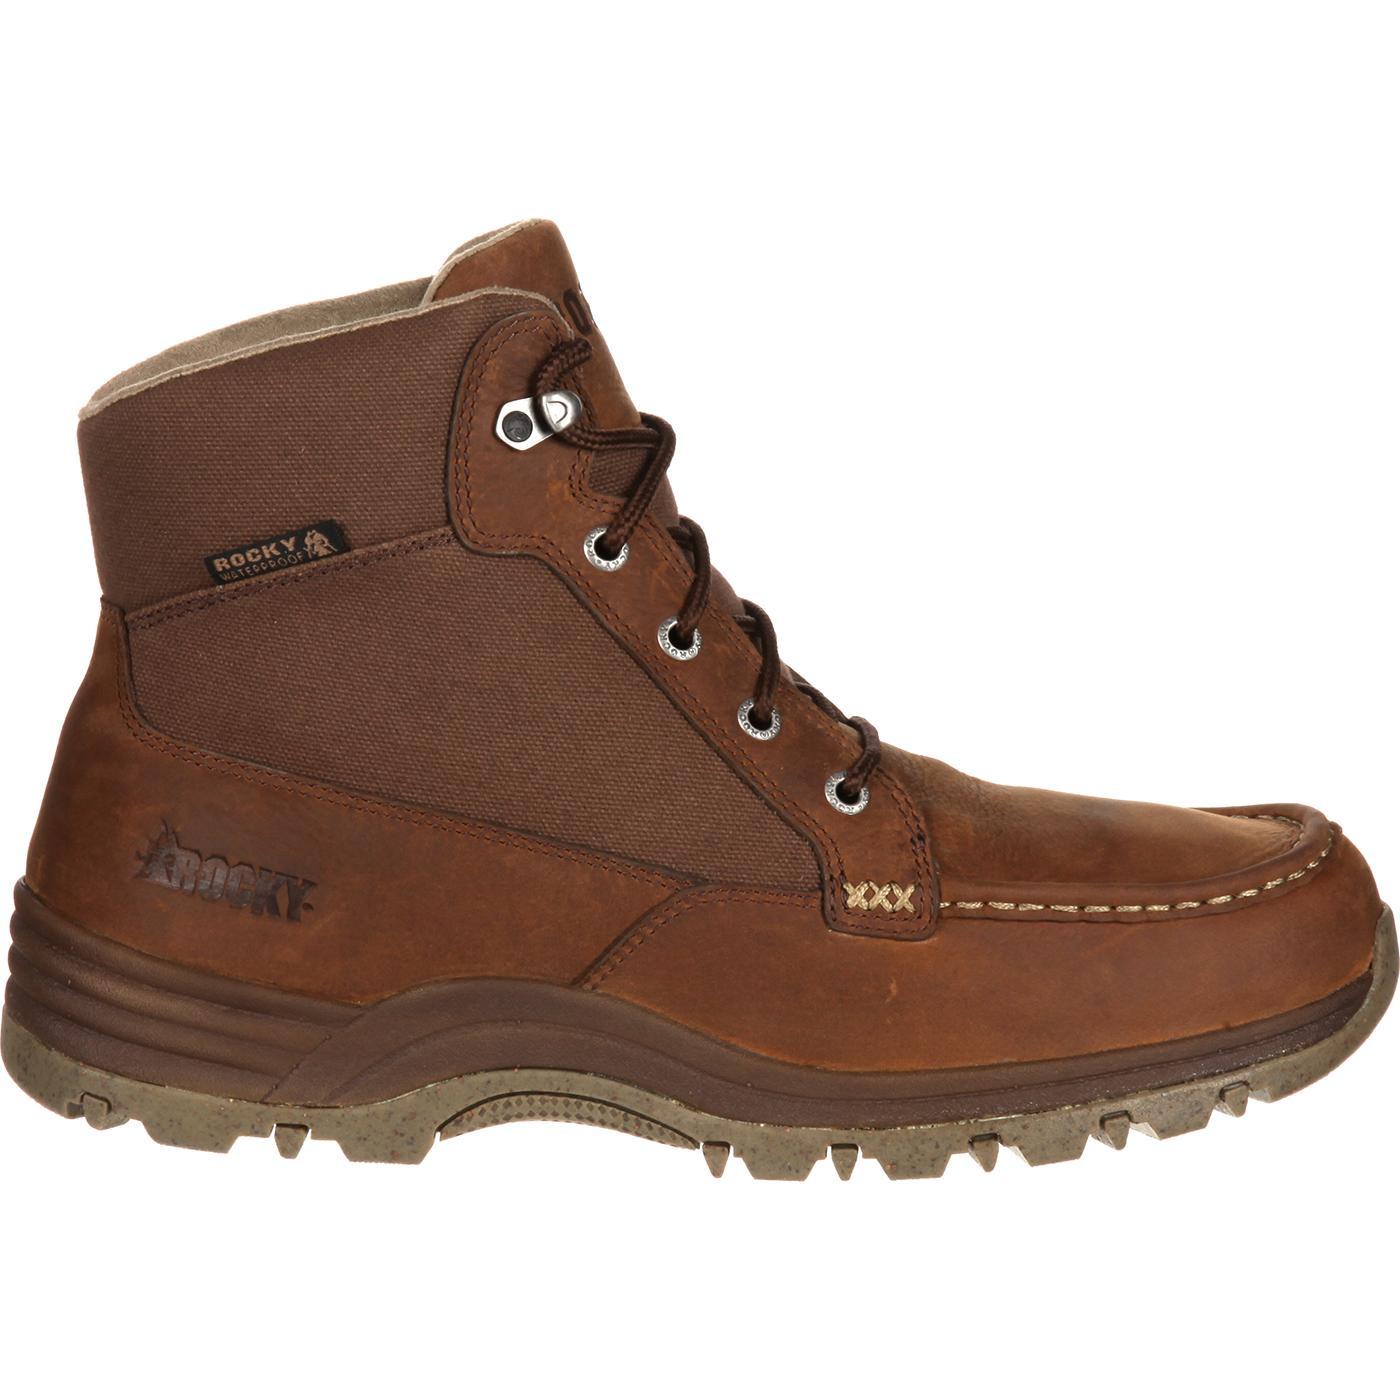 Rocky Lakeland Men S Waterproof Hiker Boot Style Rks0201